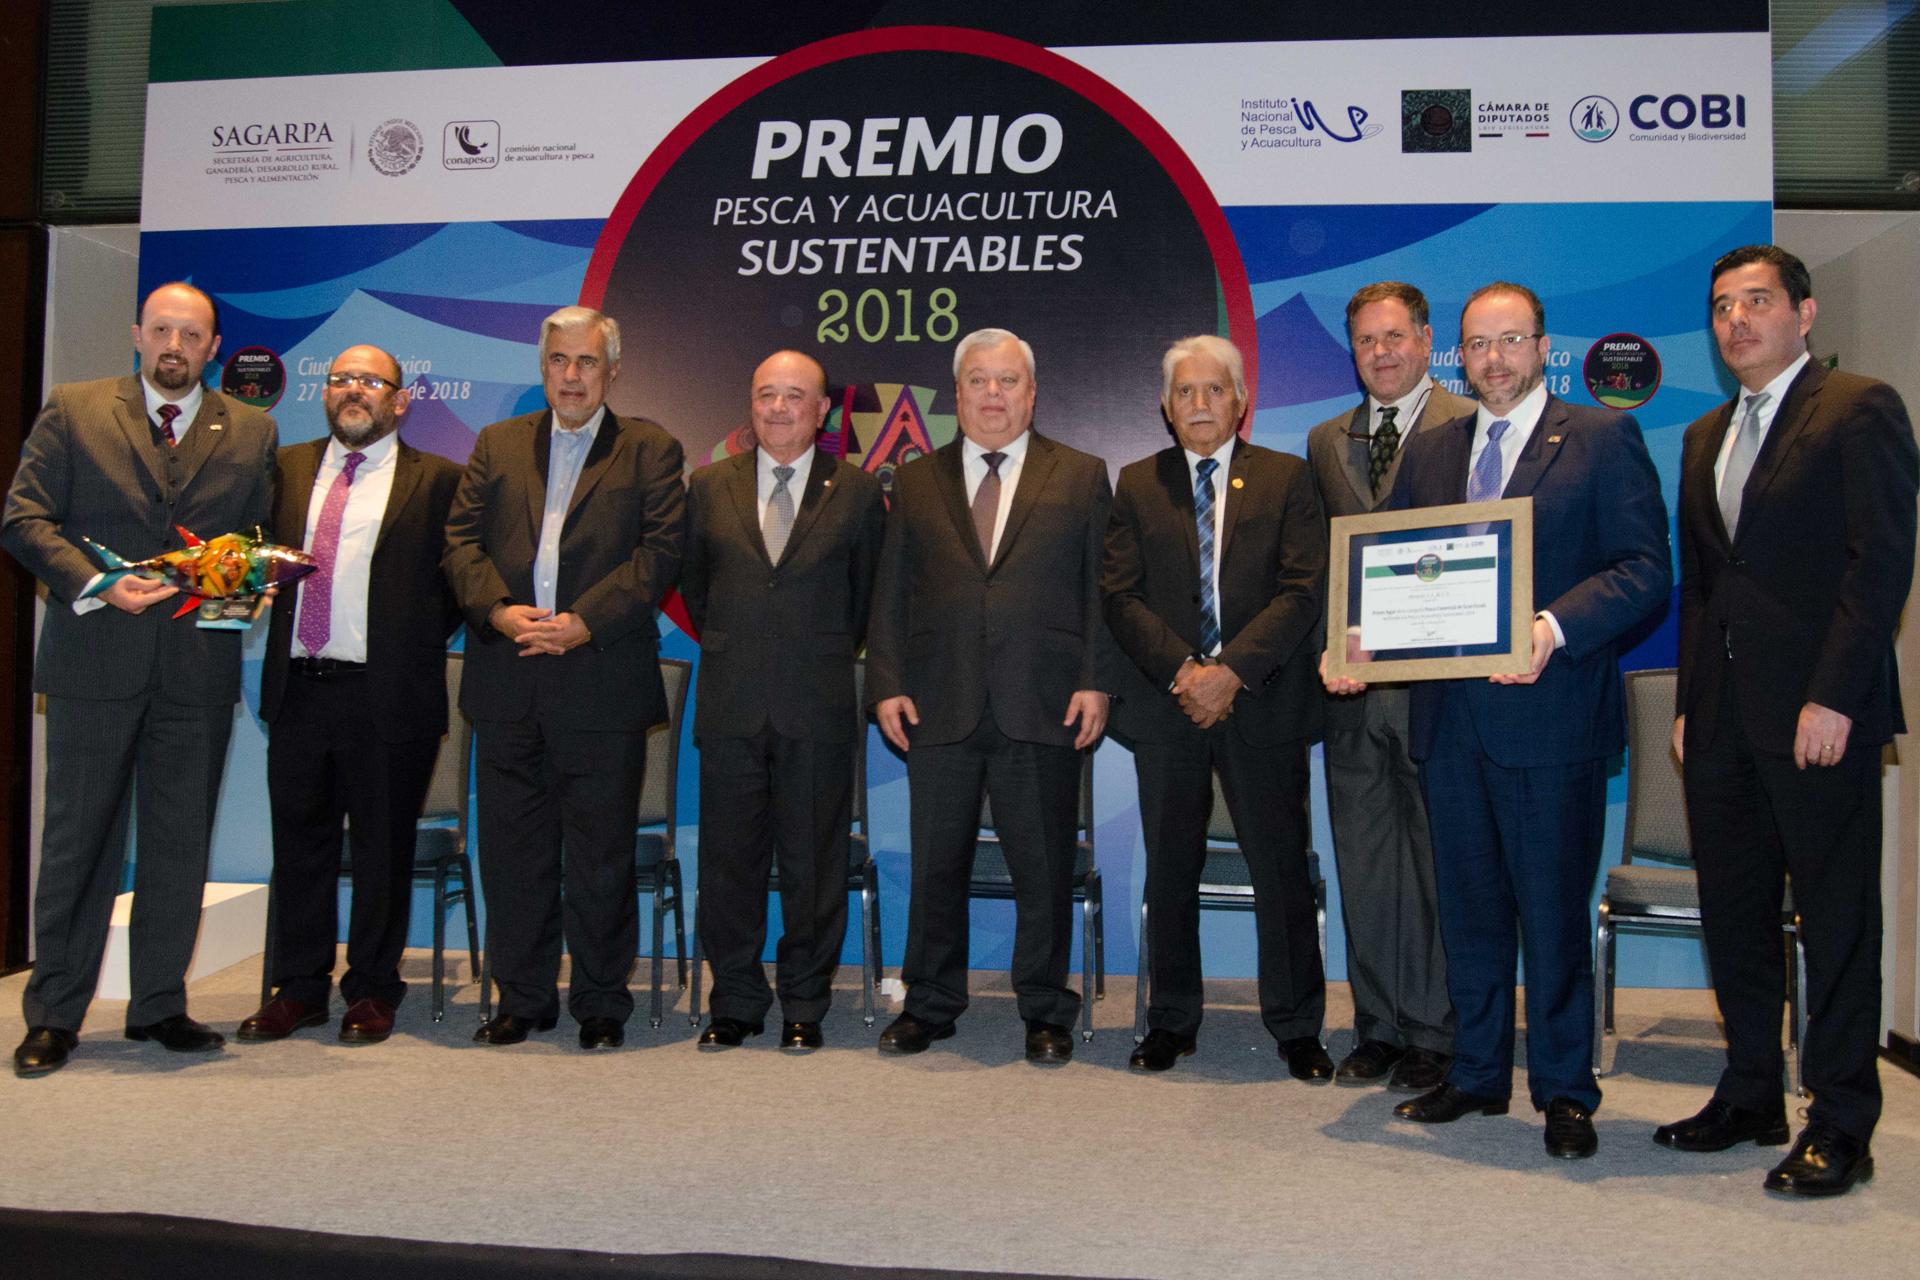 Premio acuacultuta y pesca sustentable 2018  33